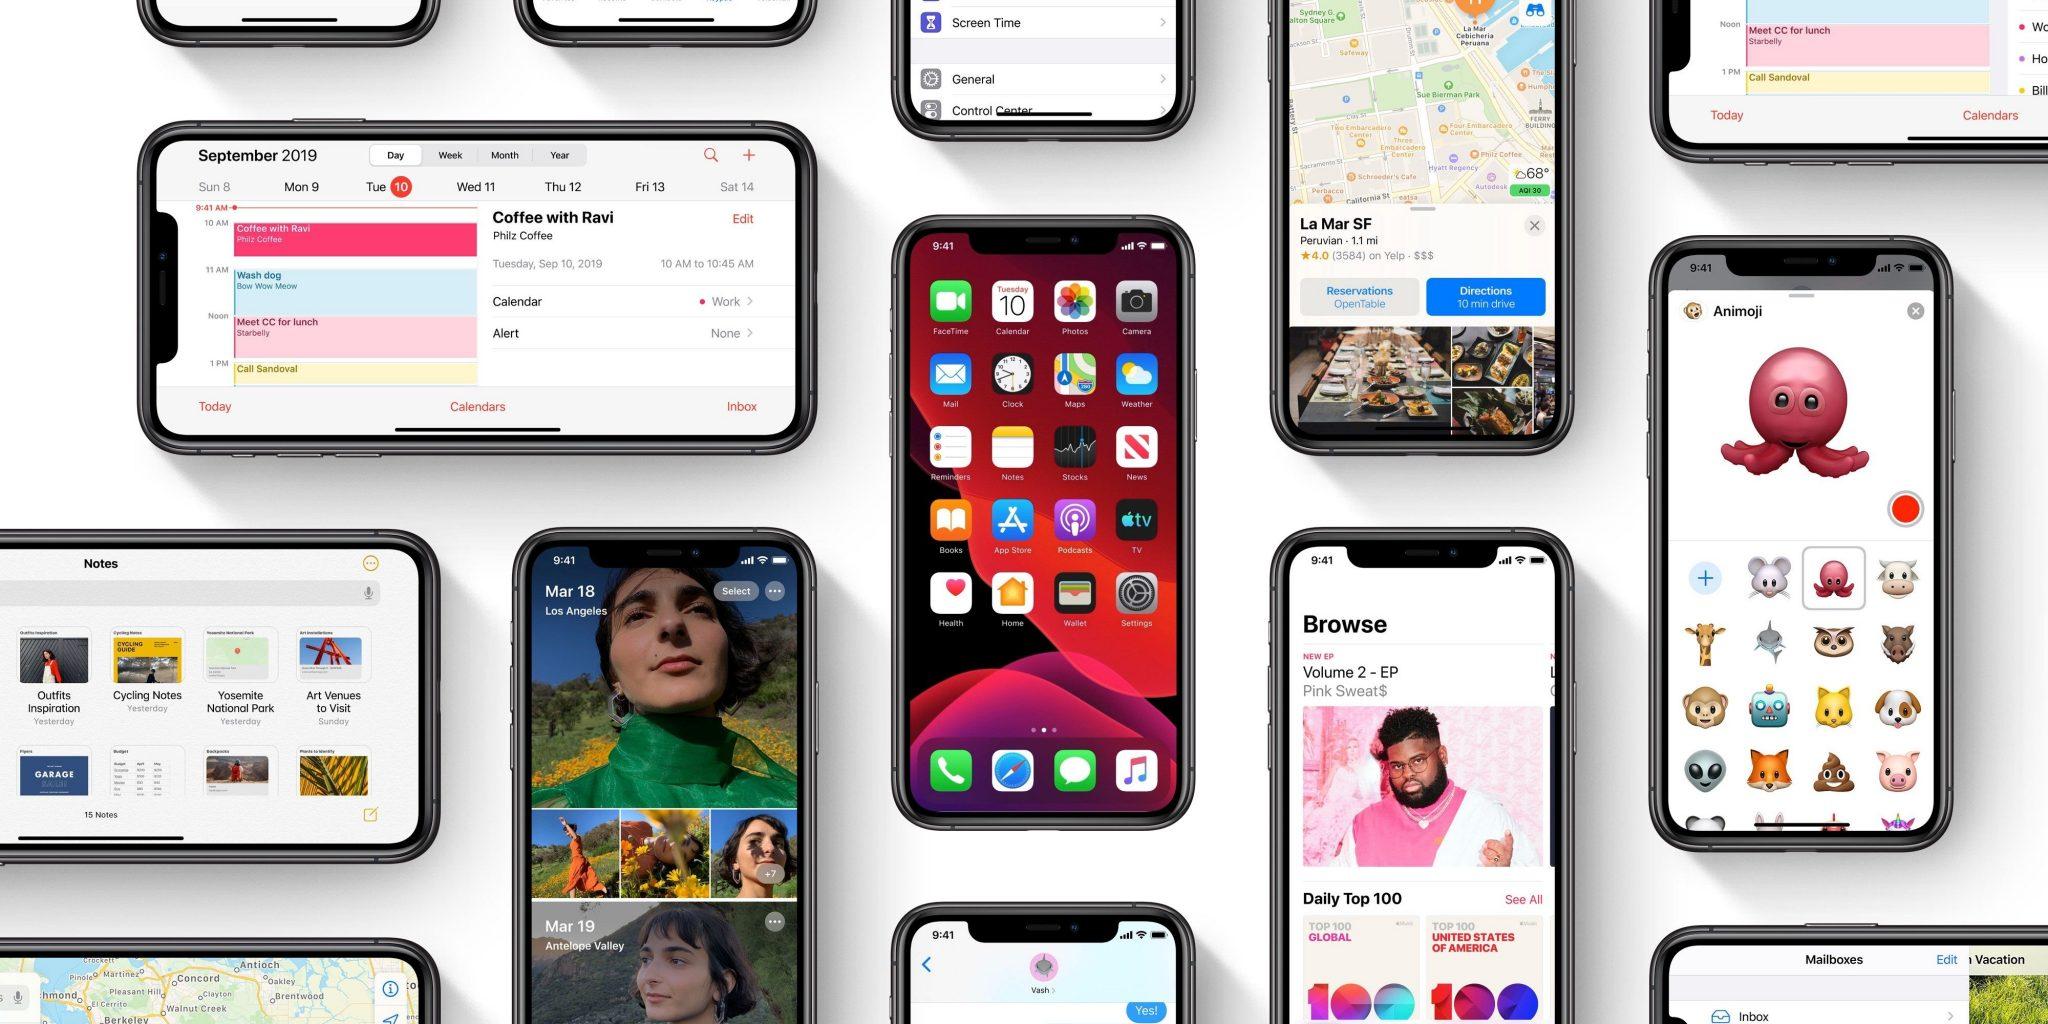 Aggiornamento iPhone: da iOS 13.3.1 emergono dati su nuovi prodotti Apple thumbnail